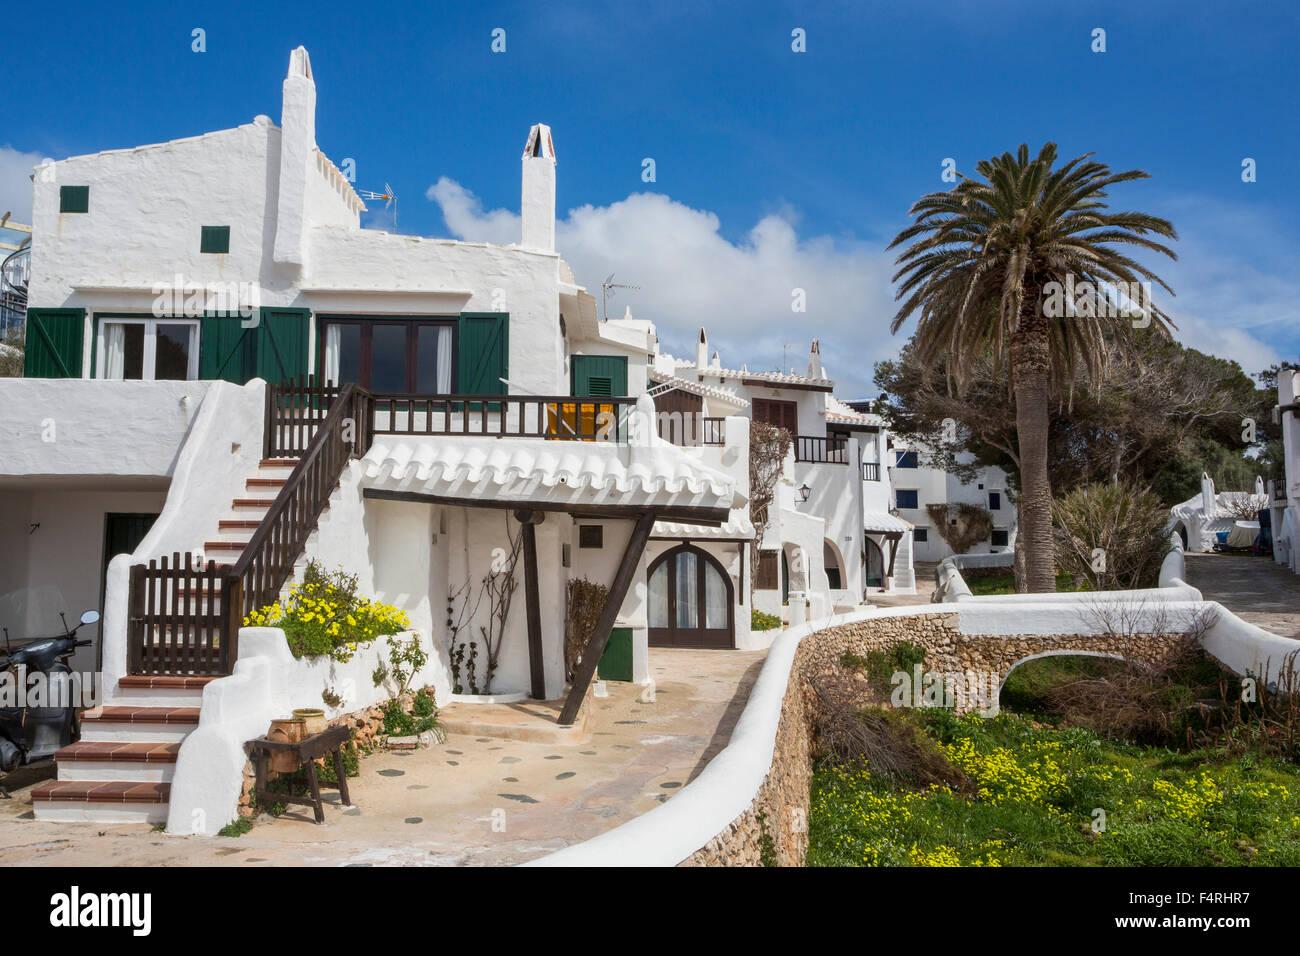 Isole Baleari, Binibeca, villaggio di pescatori, paesaggio, Menorca, Isola, vecchio Binibeca, Spagna, Europa, arco, Immagini Stock